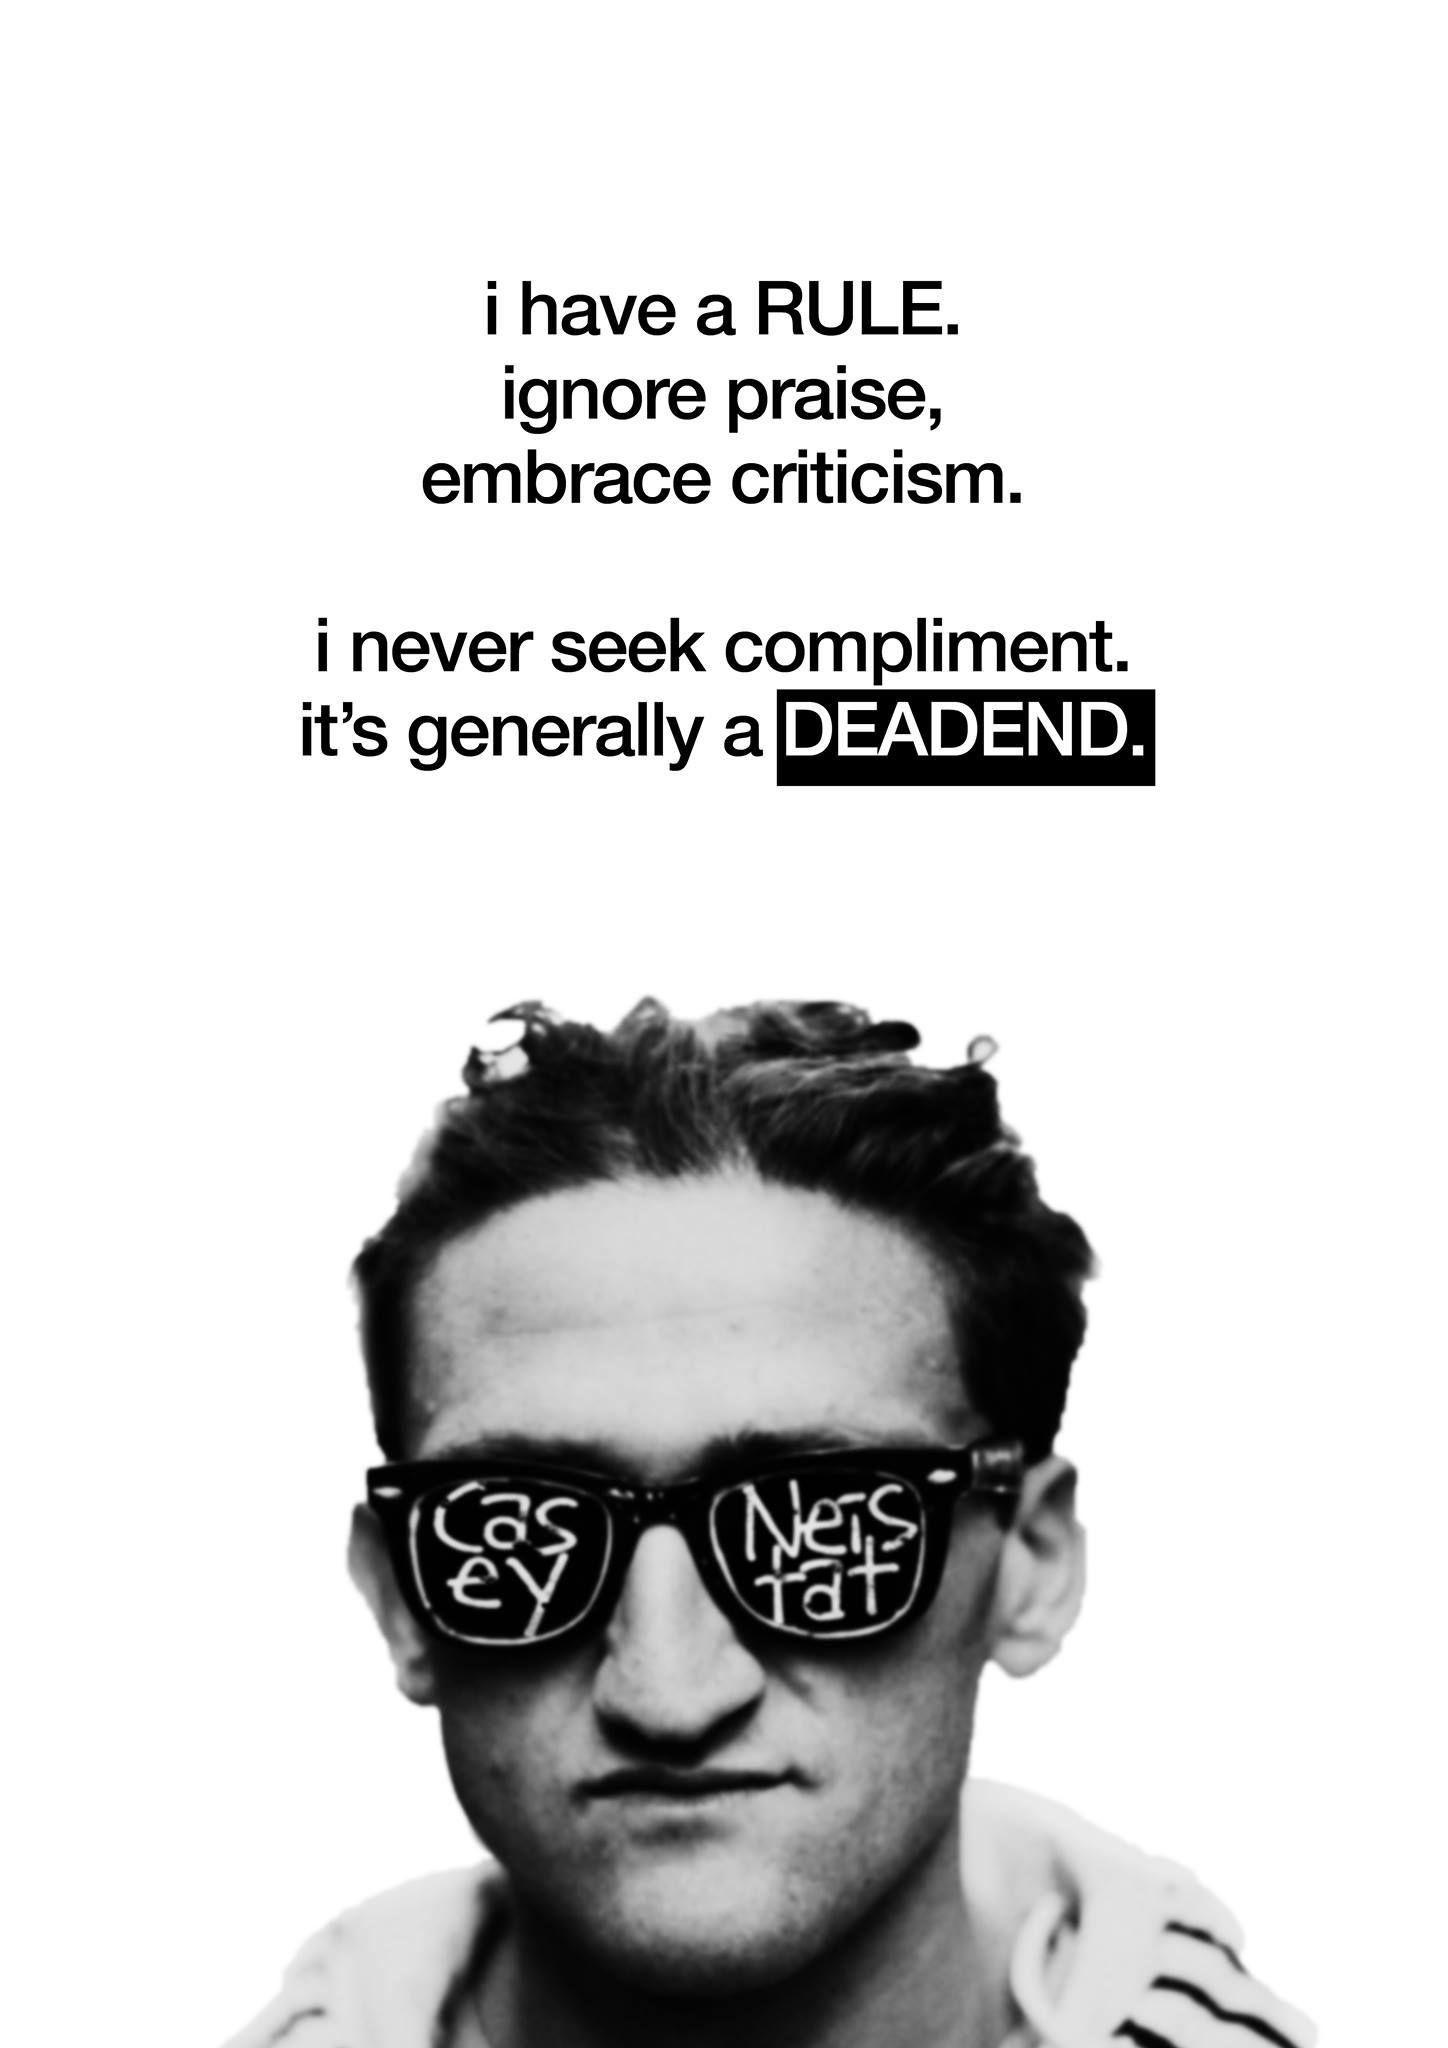 Casey Neistat Quotes : casey, neistat, quotes, Everyday, Casey, Neistat, Inspires, Harder, Yesterday., Filmmaker,, Entrepreneur., Works, Excep…, Neistat,